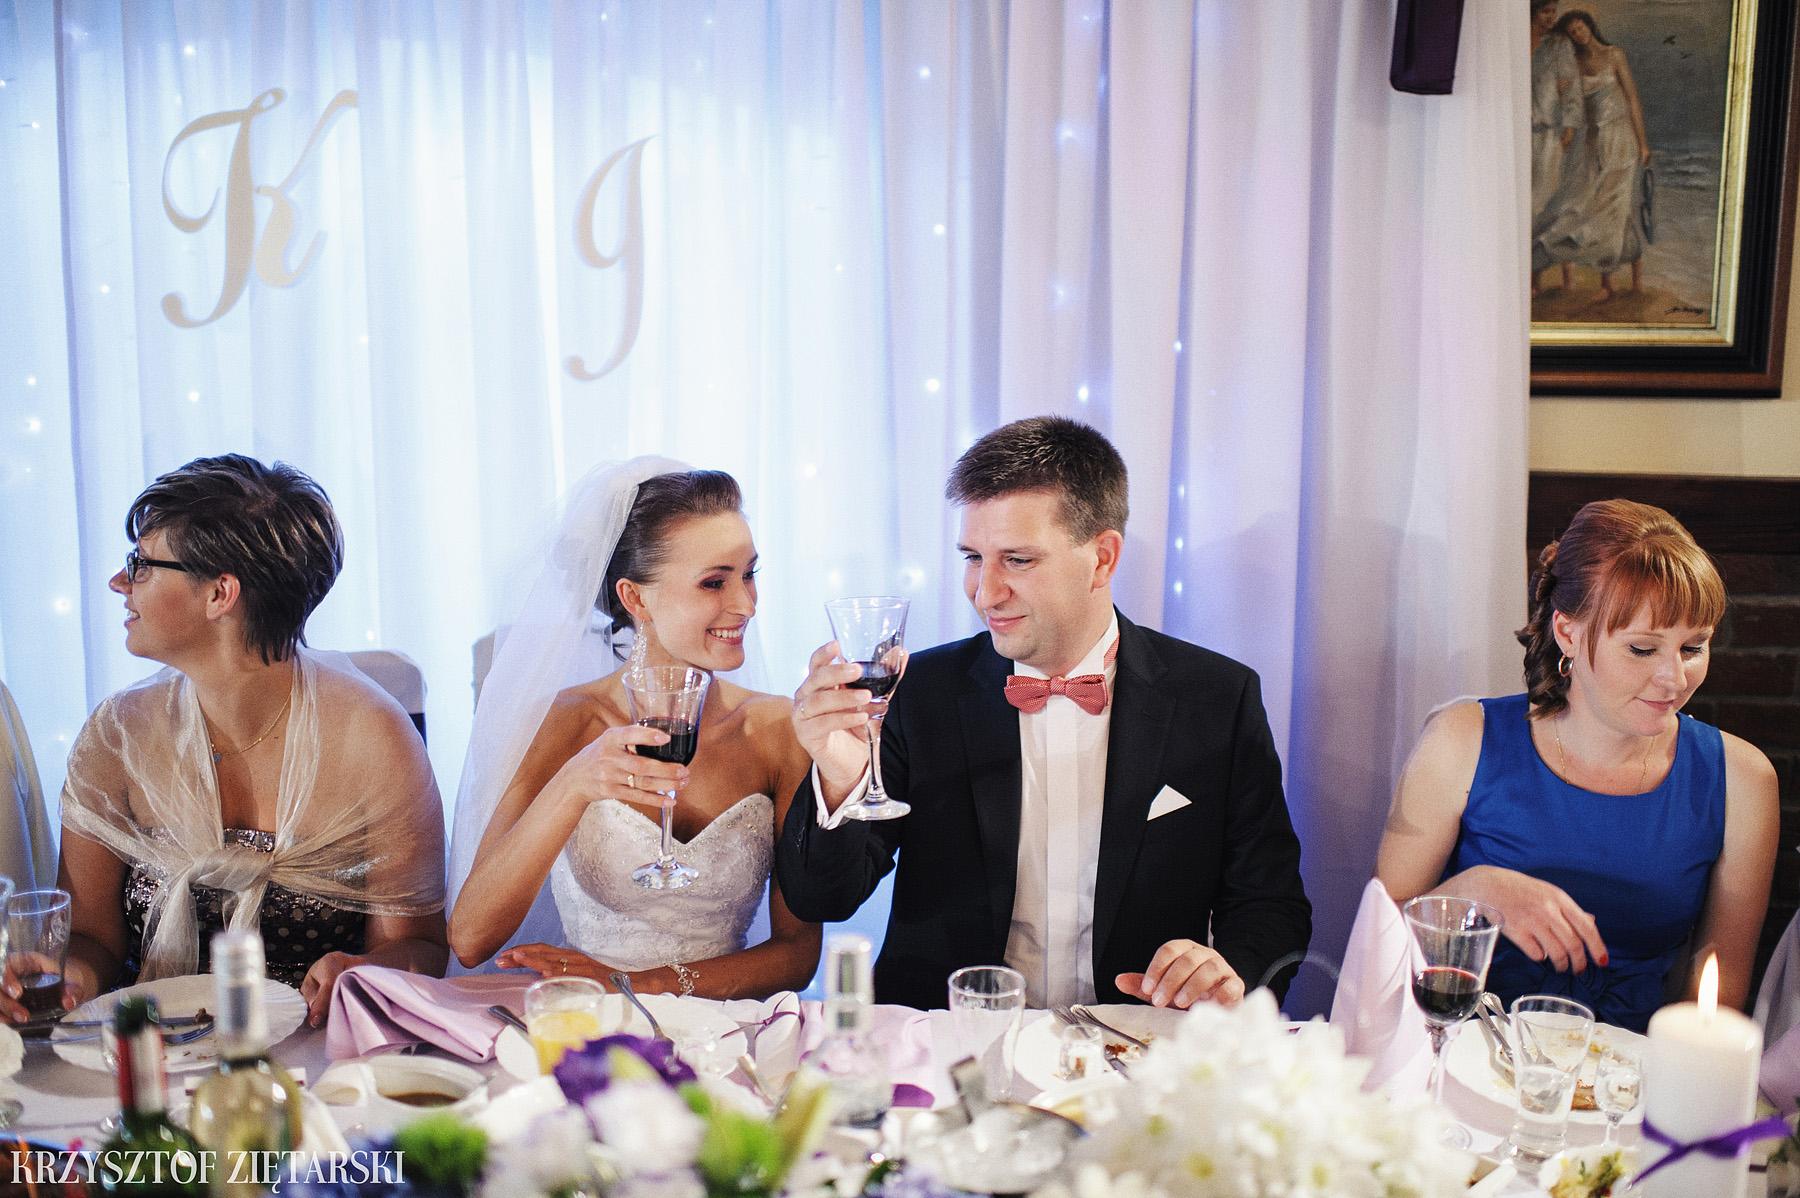 Karolina i Jacek - Fotografia ślubna Gdańsk, Chwaszczyno, Gościniec dla Przyjaciół Wyczechowo Hilary - 24.